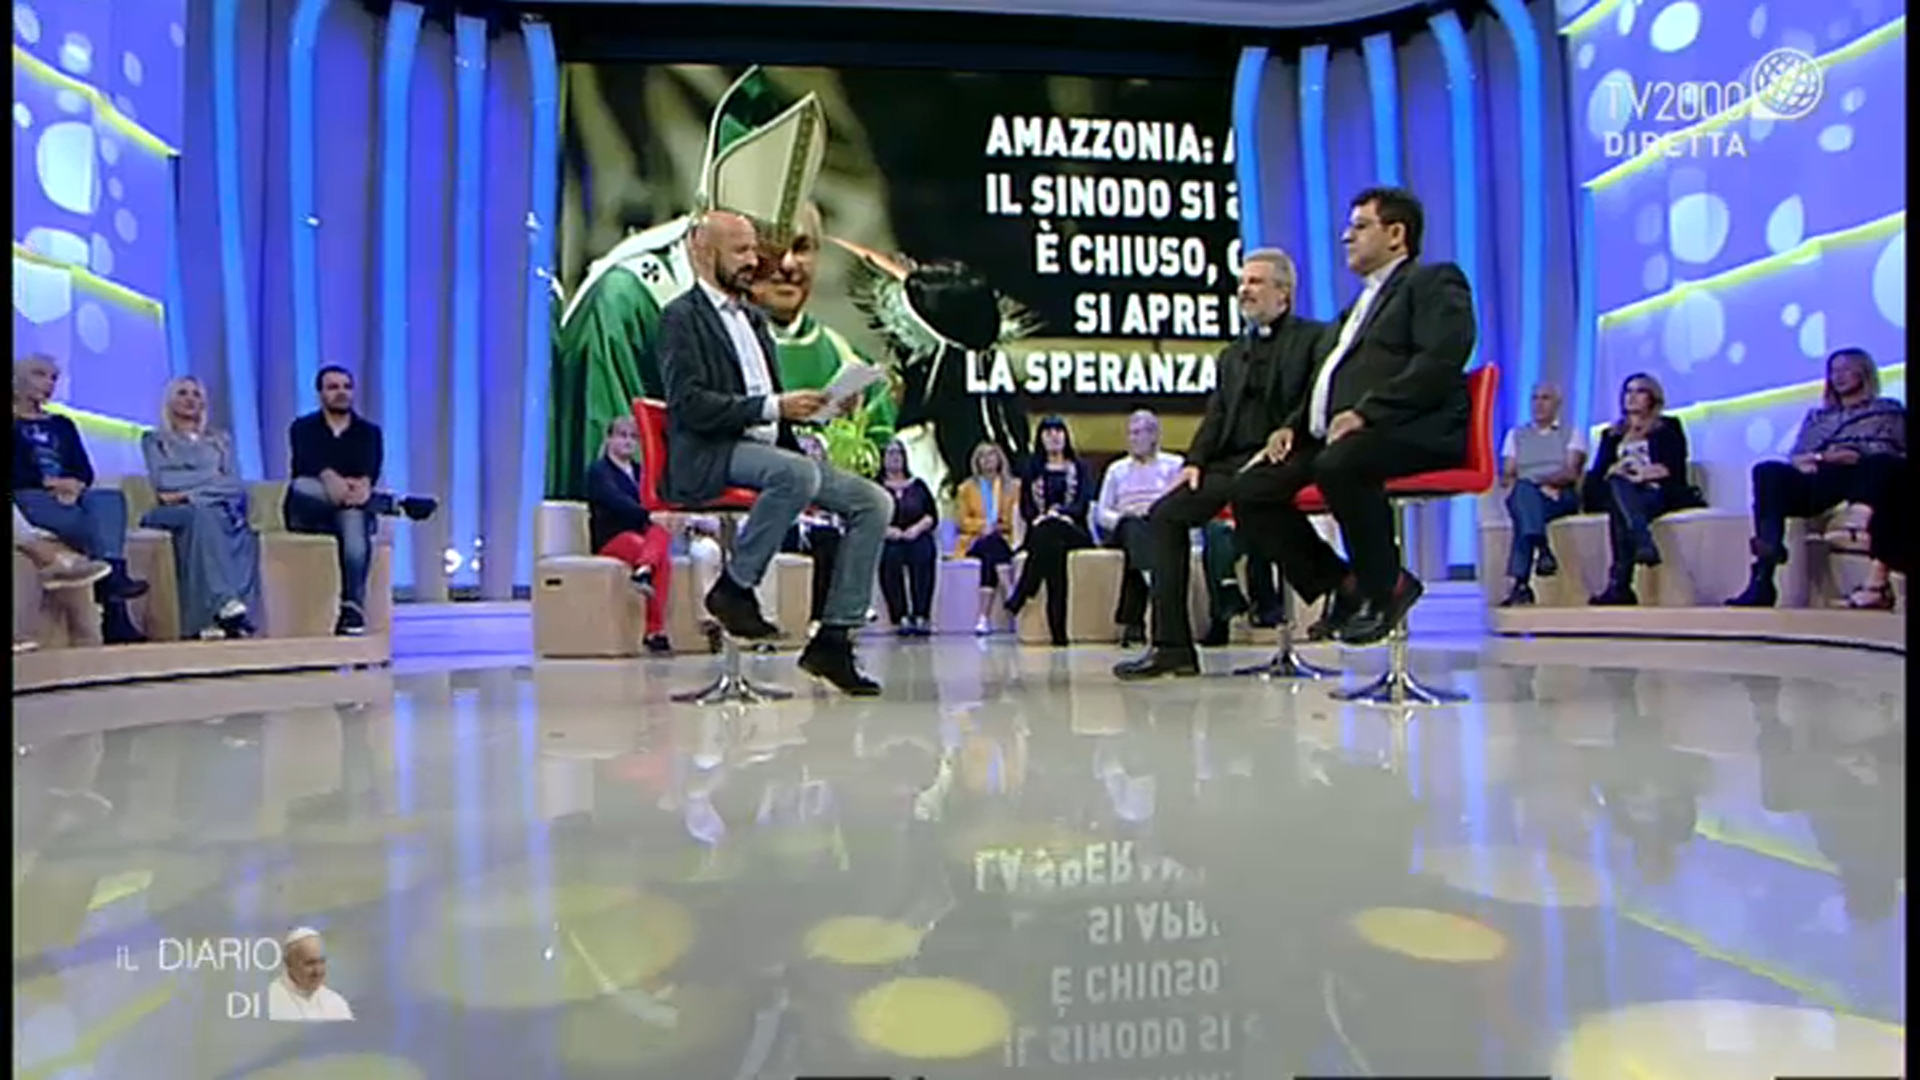 """""""Amazzonia: il sinodo si è chiuso, si apre la speranza"""""""